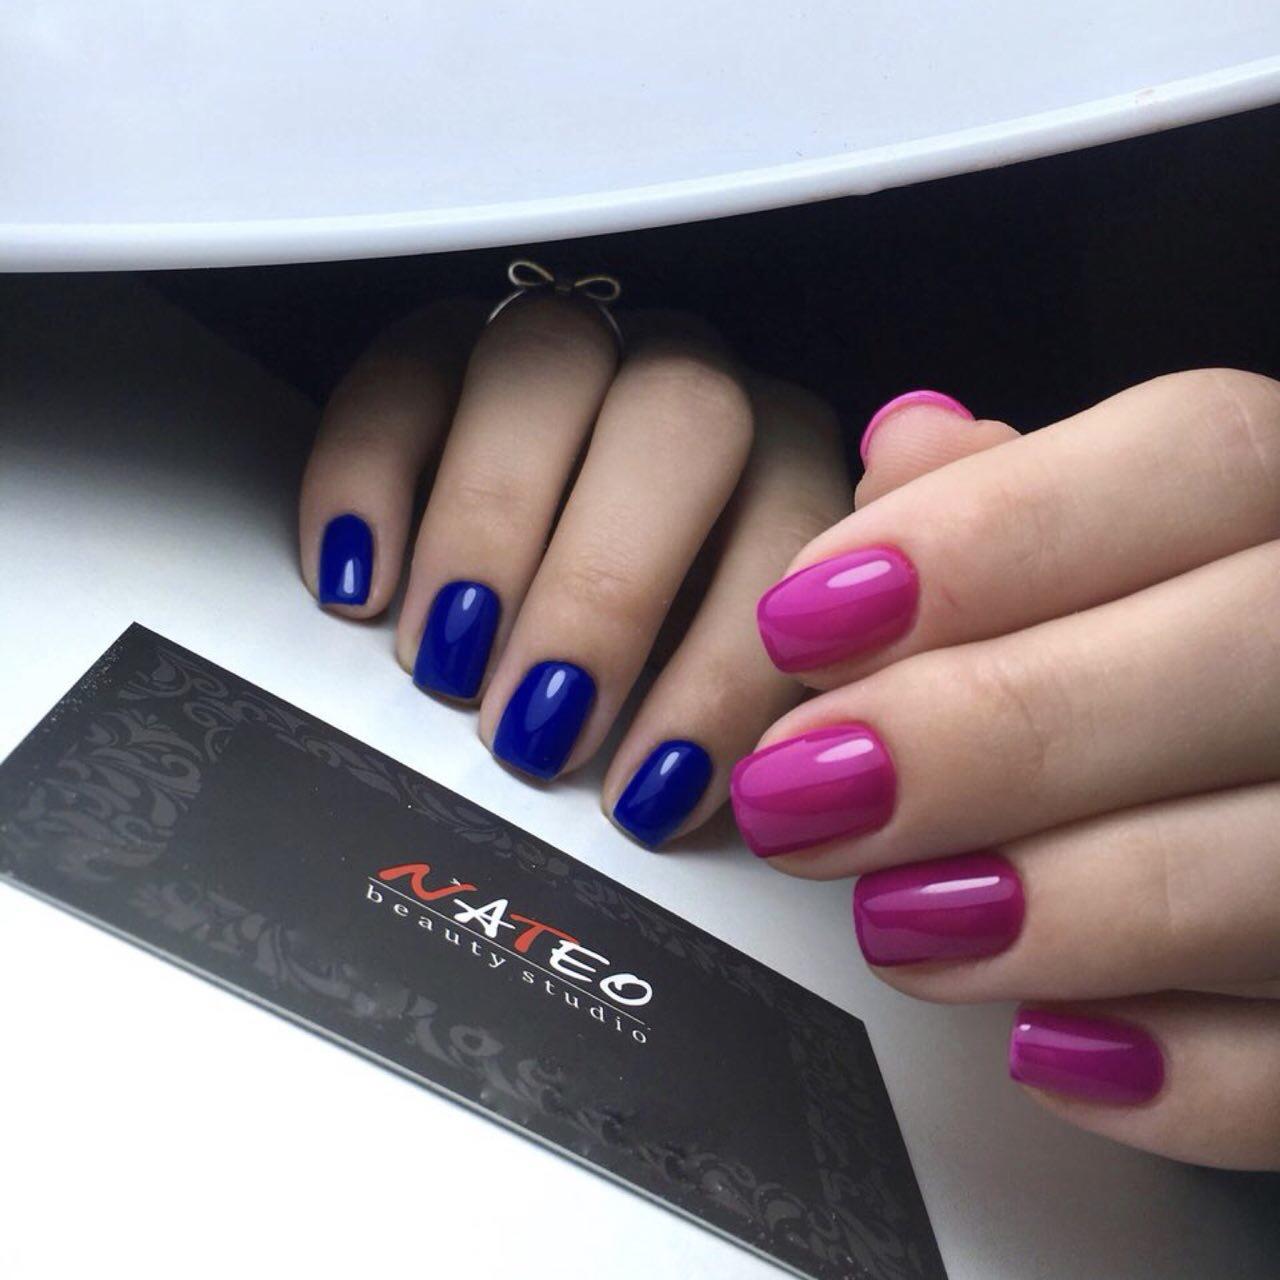 ногтевой сервис комбинированный маникюр красивый дизайн в салоне красоты NATEO